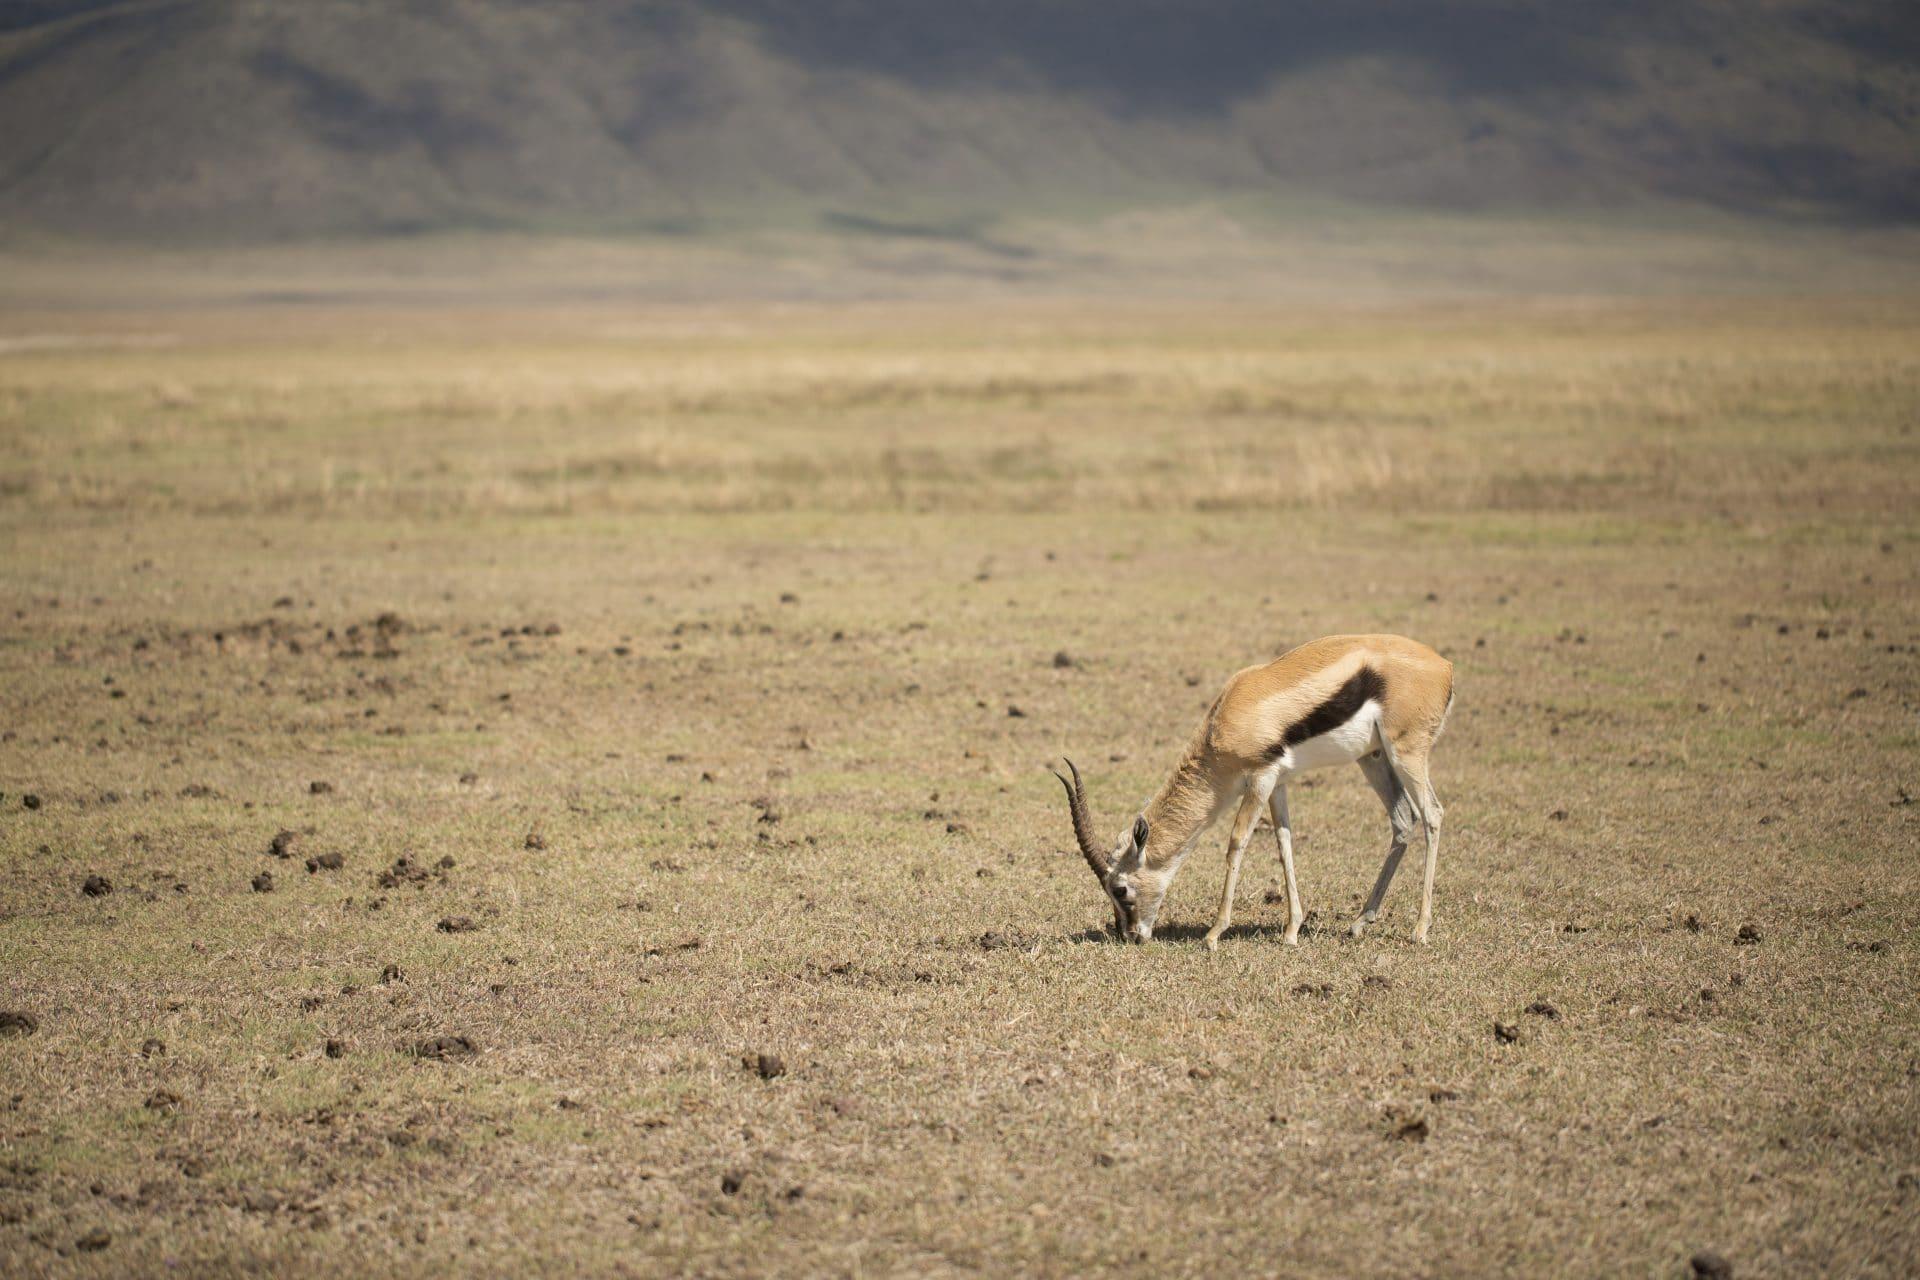 Gazelles on safari trip in Tanzania